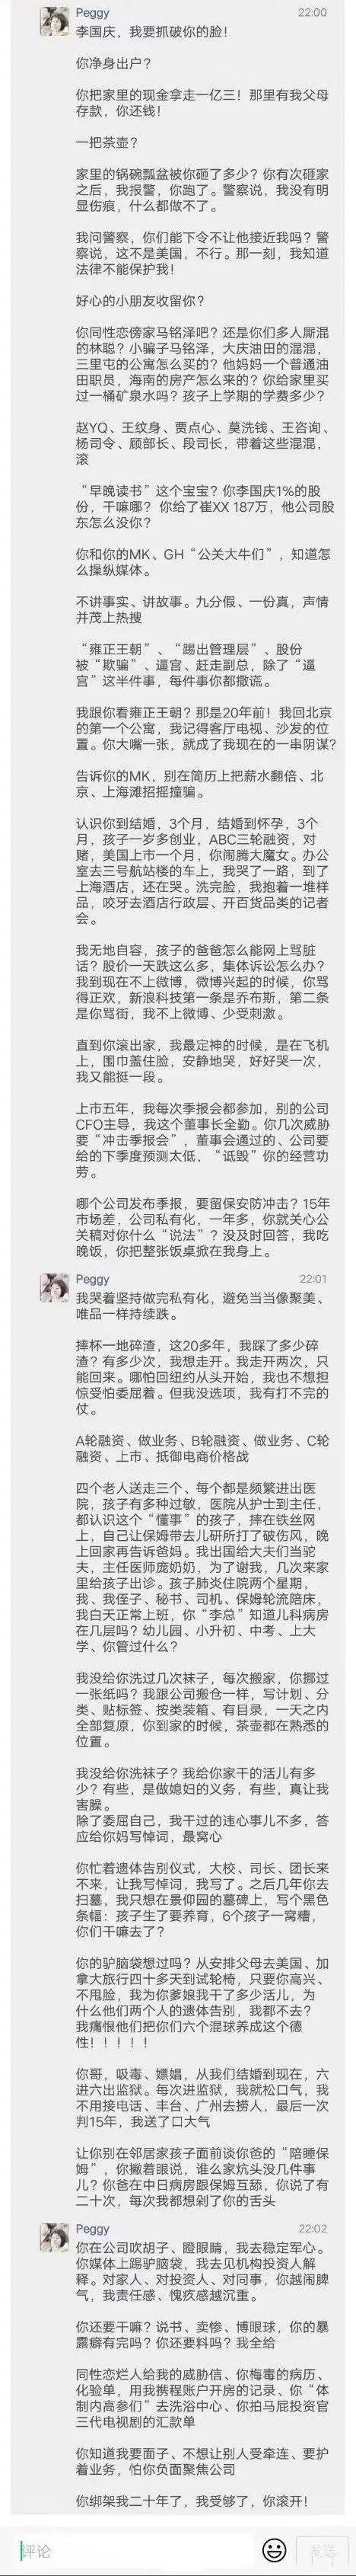 俞渝 VS 李国庆,约等于甄嬛 VS 夏冬春…